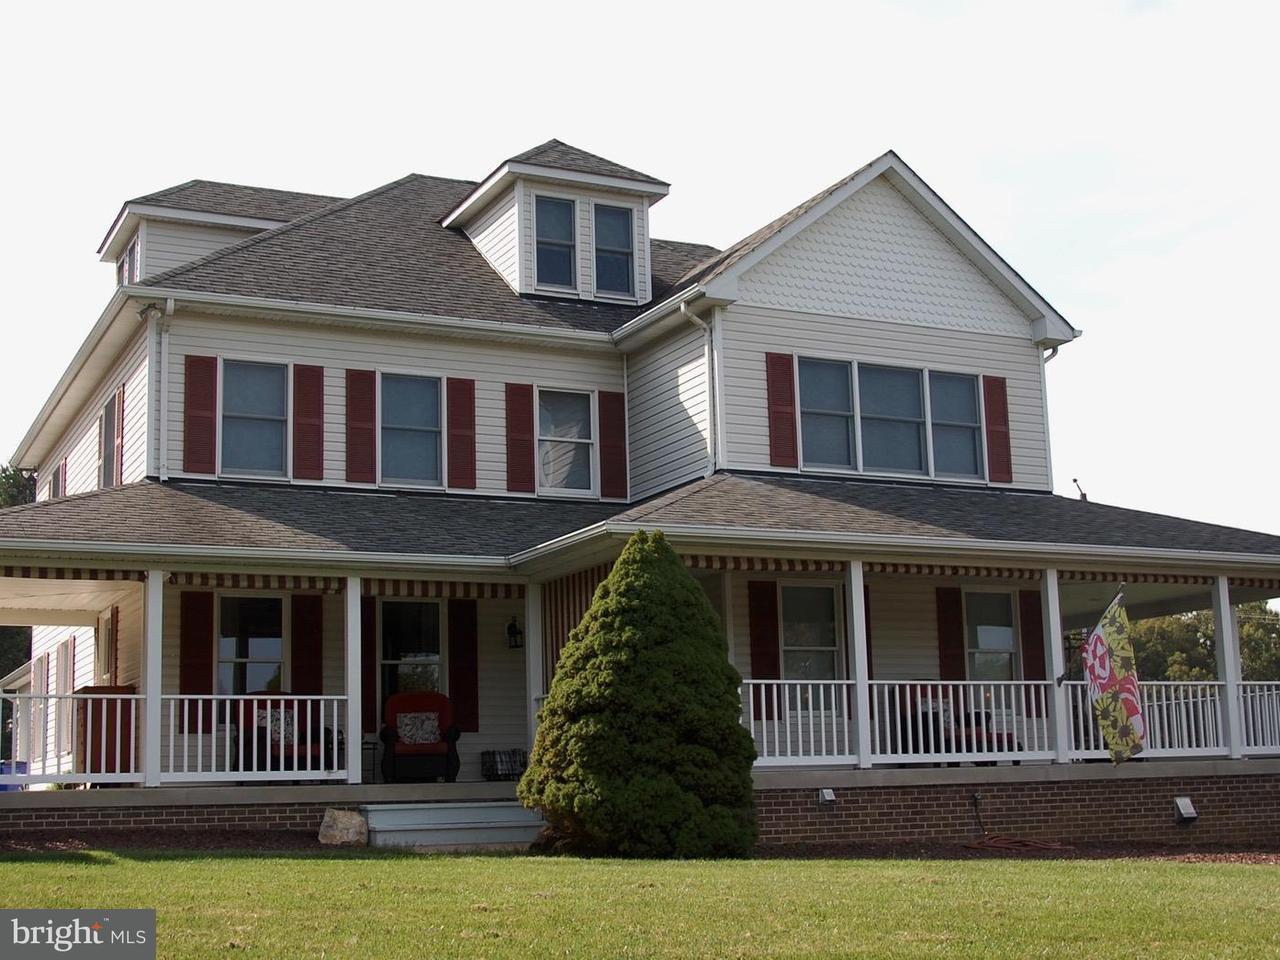 Частный односемейный дом для того Продажа на 4320 LINTHICUM Road 4320 LINTHICUM Road Dayton, Мэриленд 21036 Соединенные Штаты